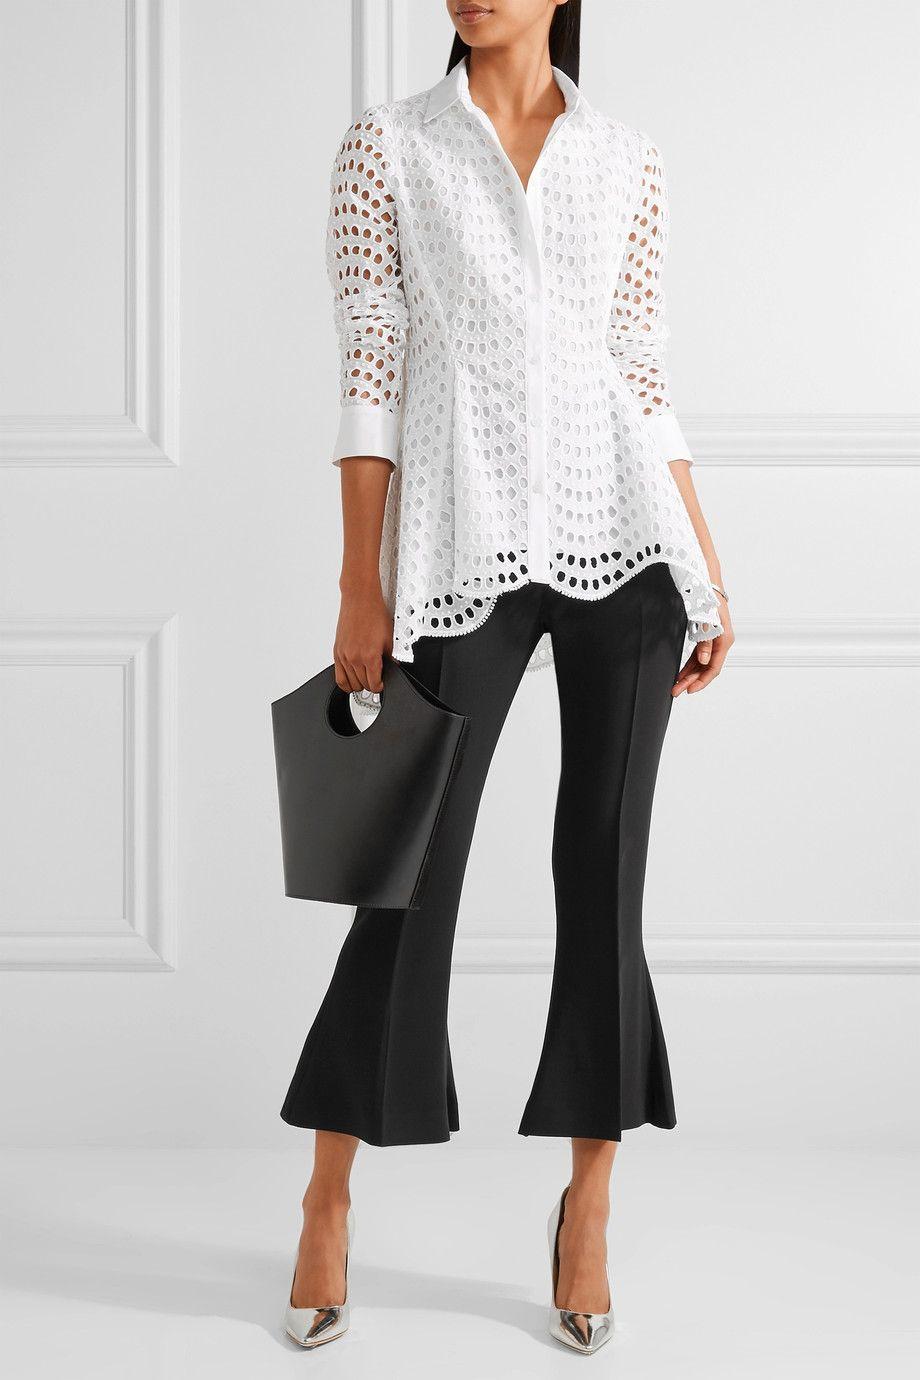 3PK Girl Socks White Frill Top Plain Wedding School Ankle Vintage Fancy Broderie